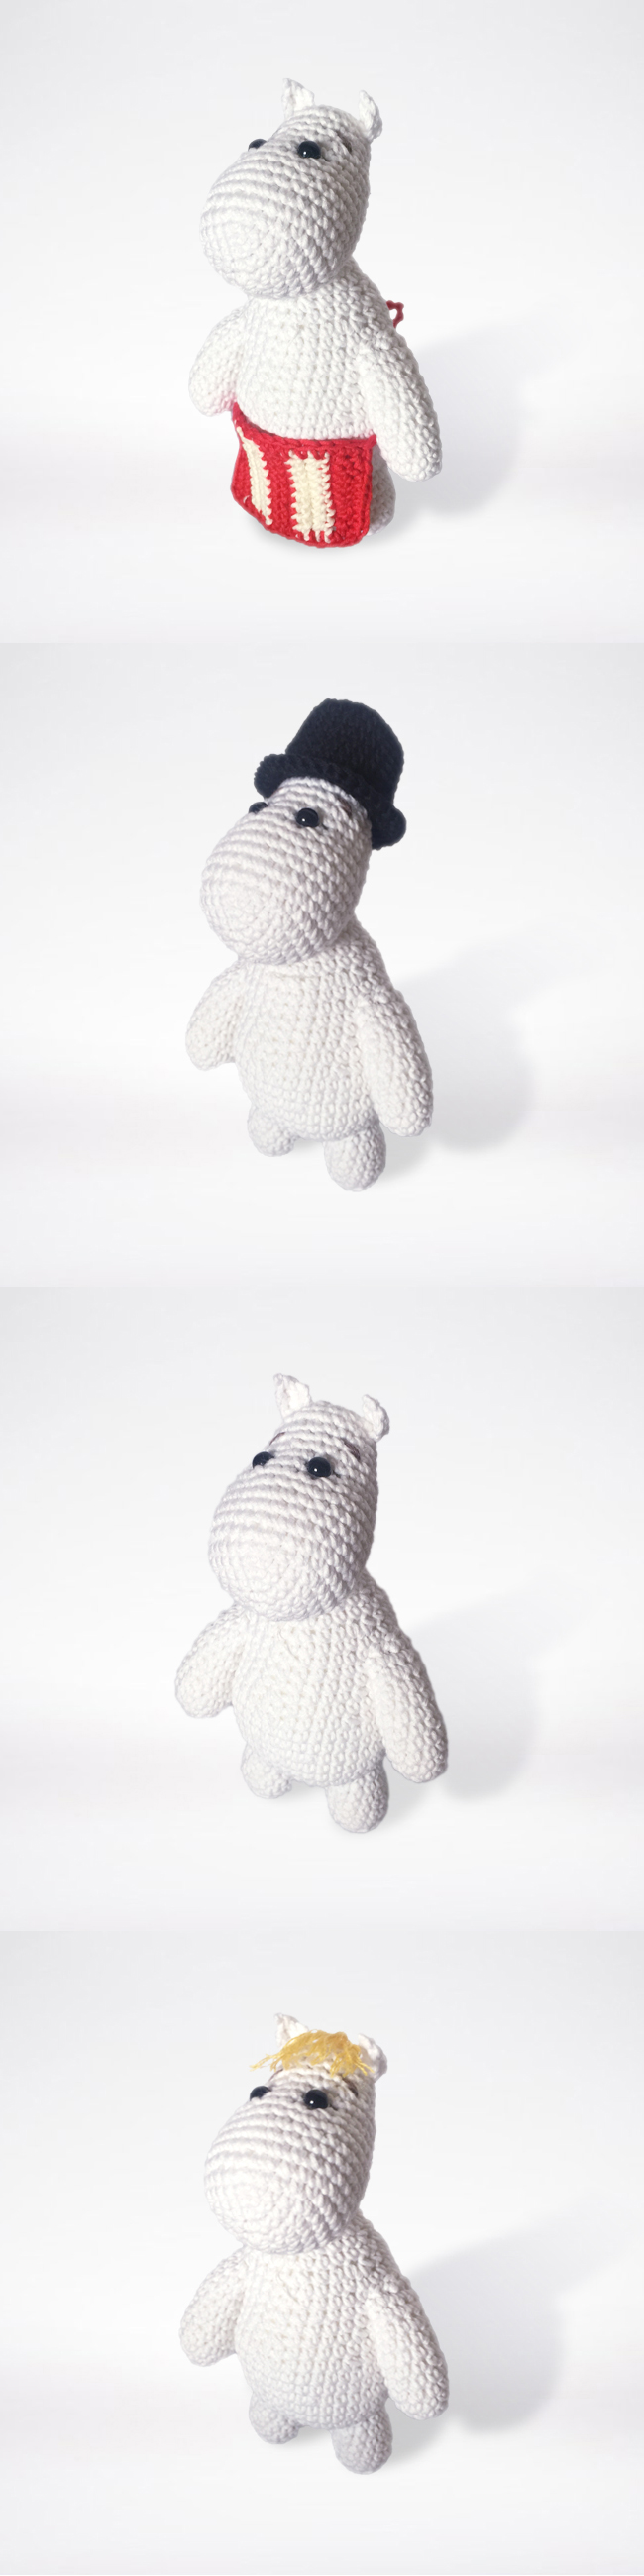 Crocheted Moomin family pattern | crochet | Pinterest | Gorros, Me ...